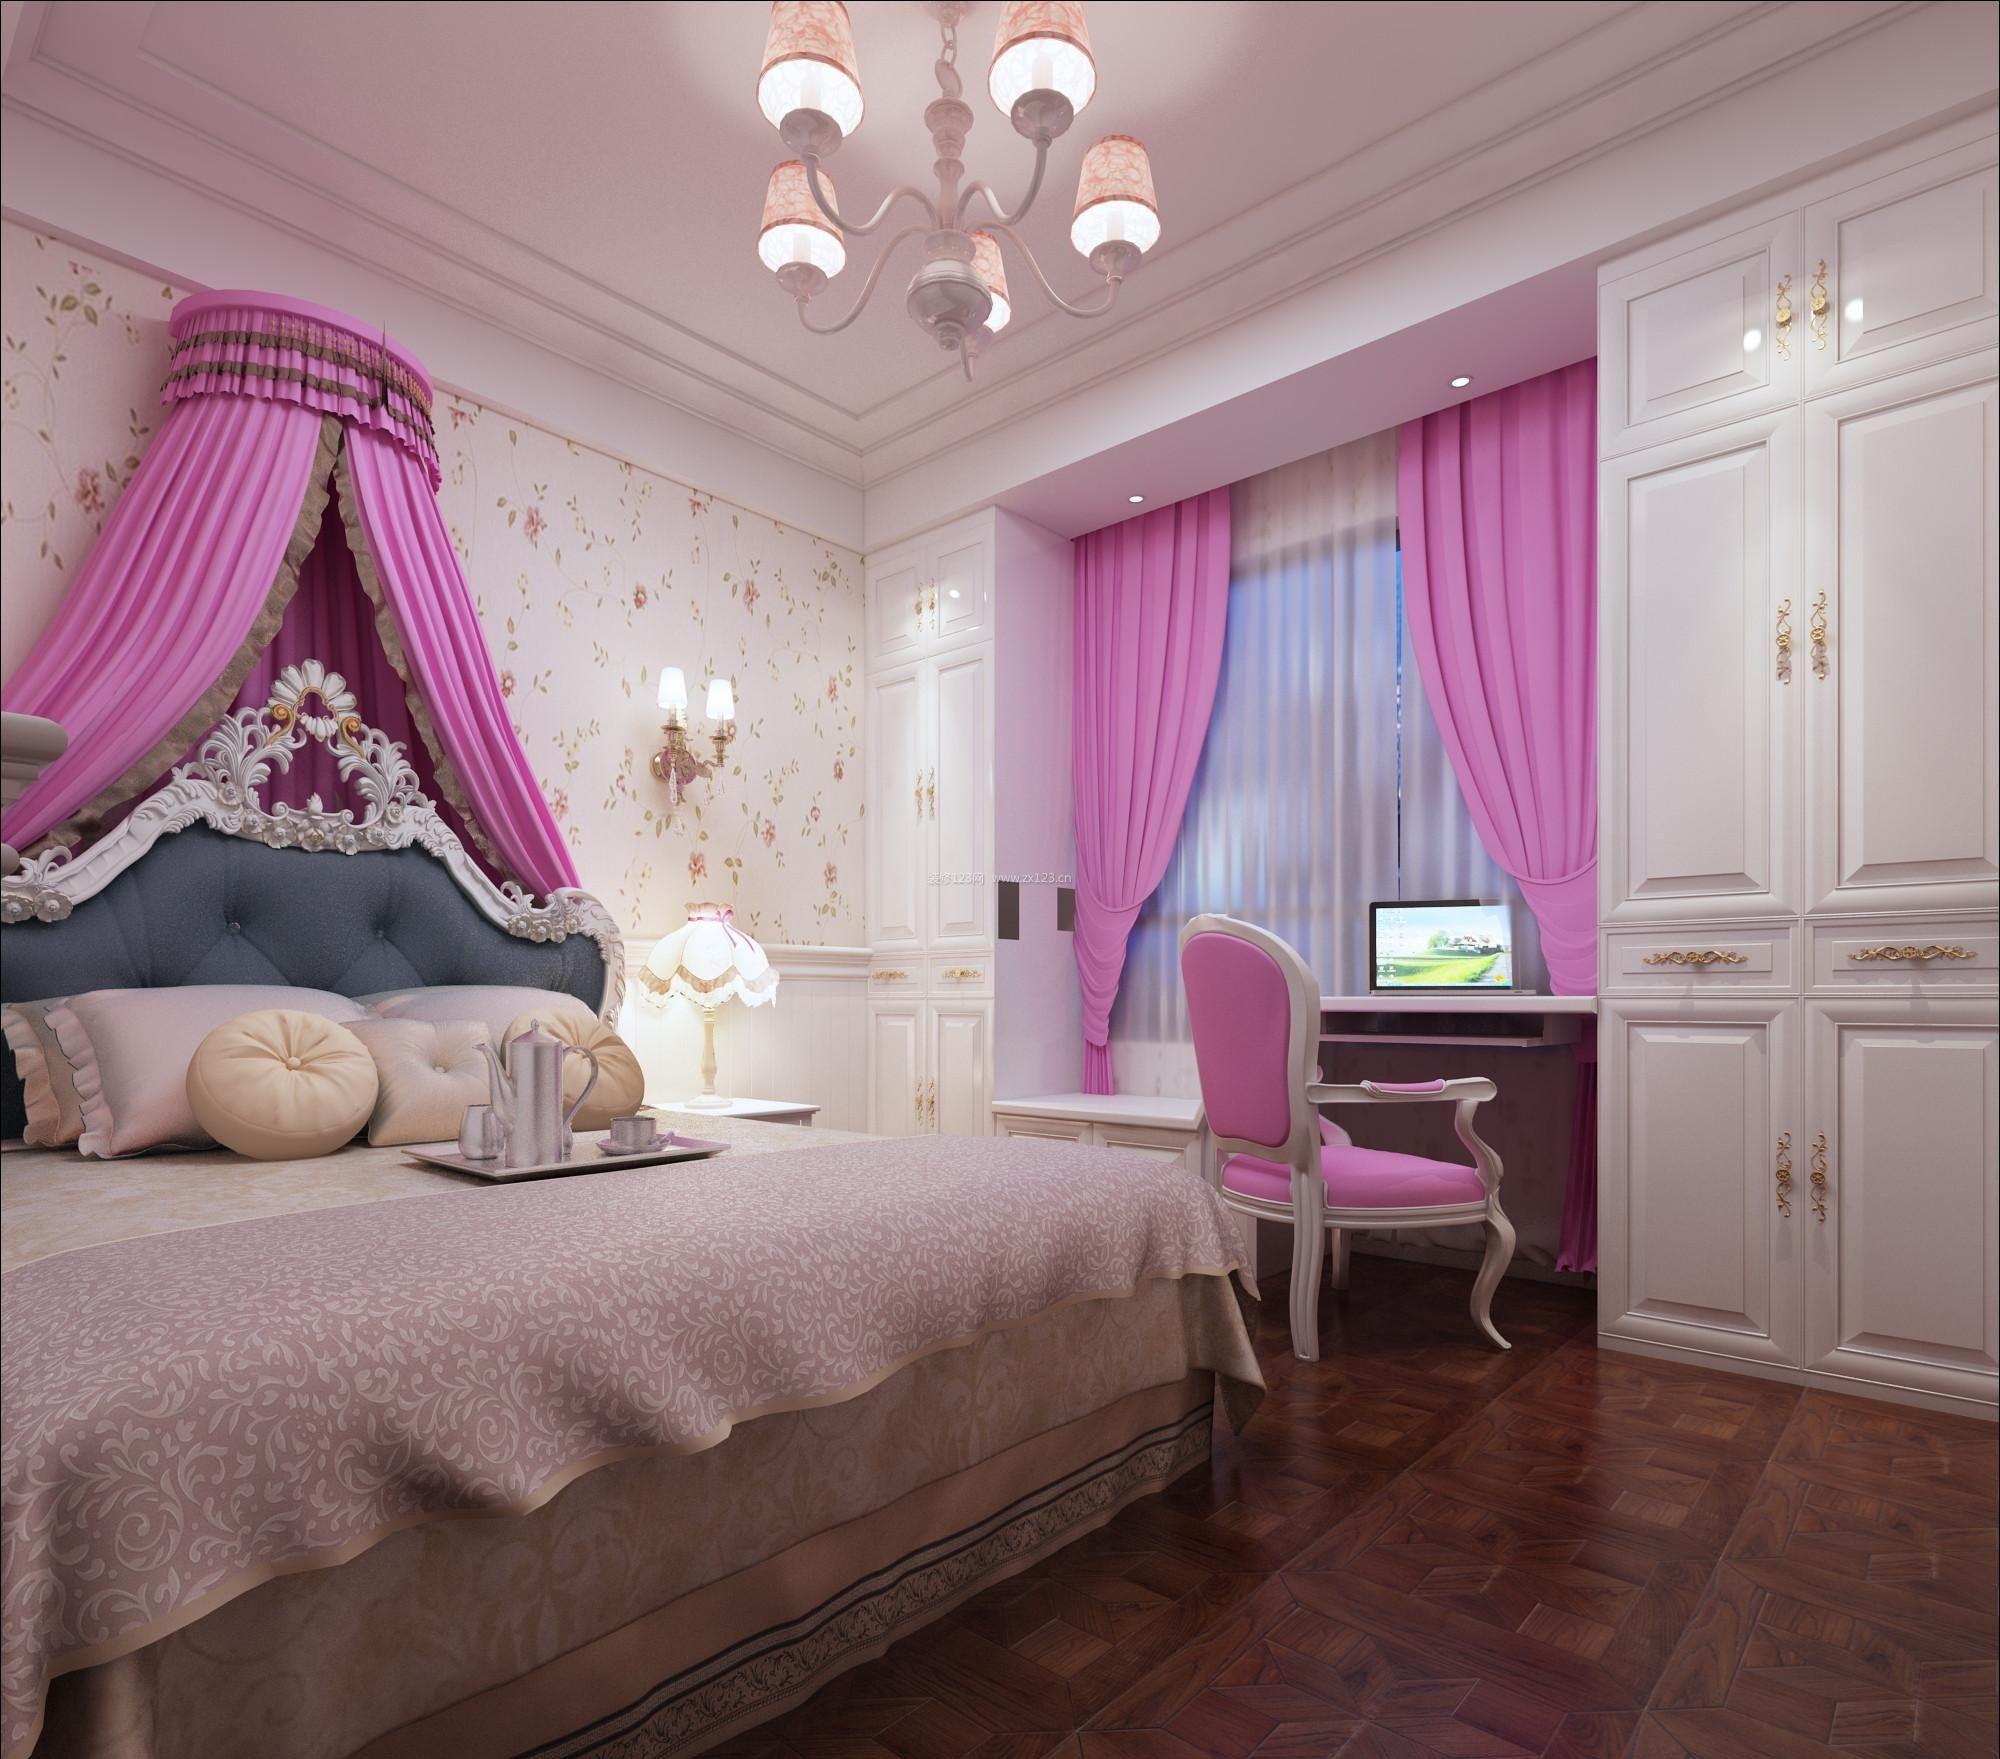 2017欧式粉色卧室吊顶效果图欣赏_装修123效果图图片